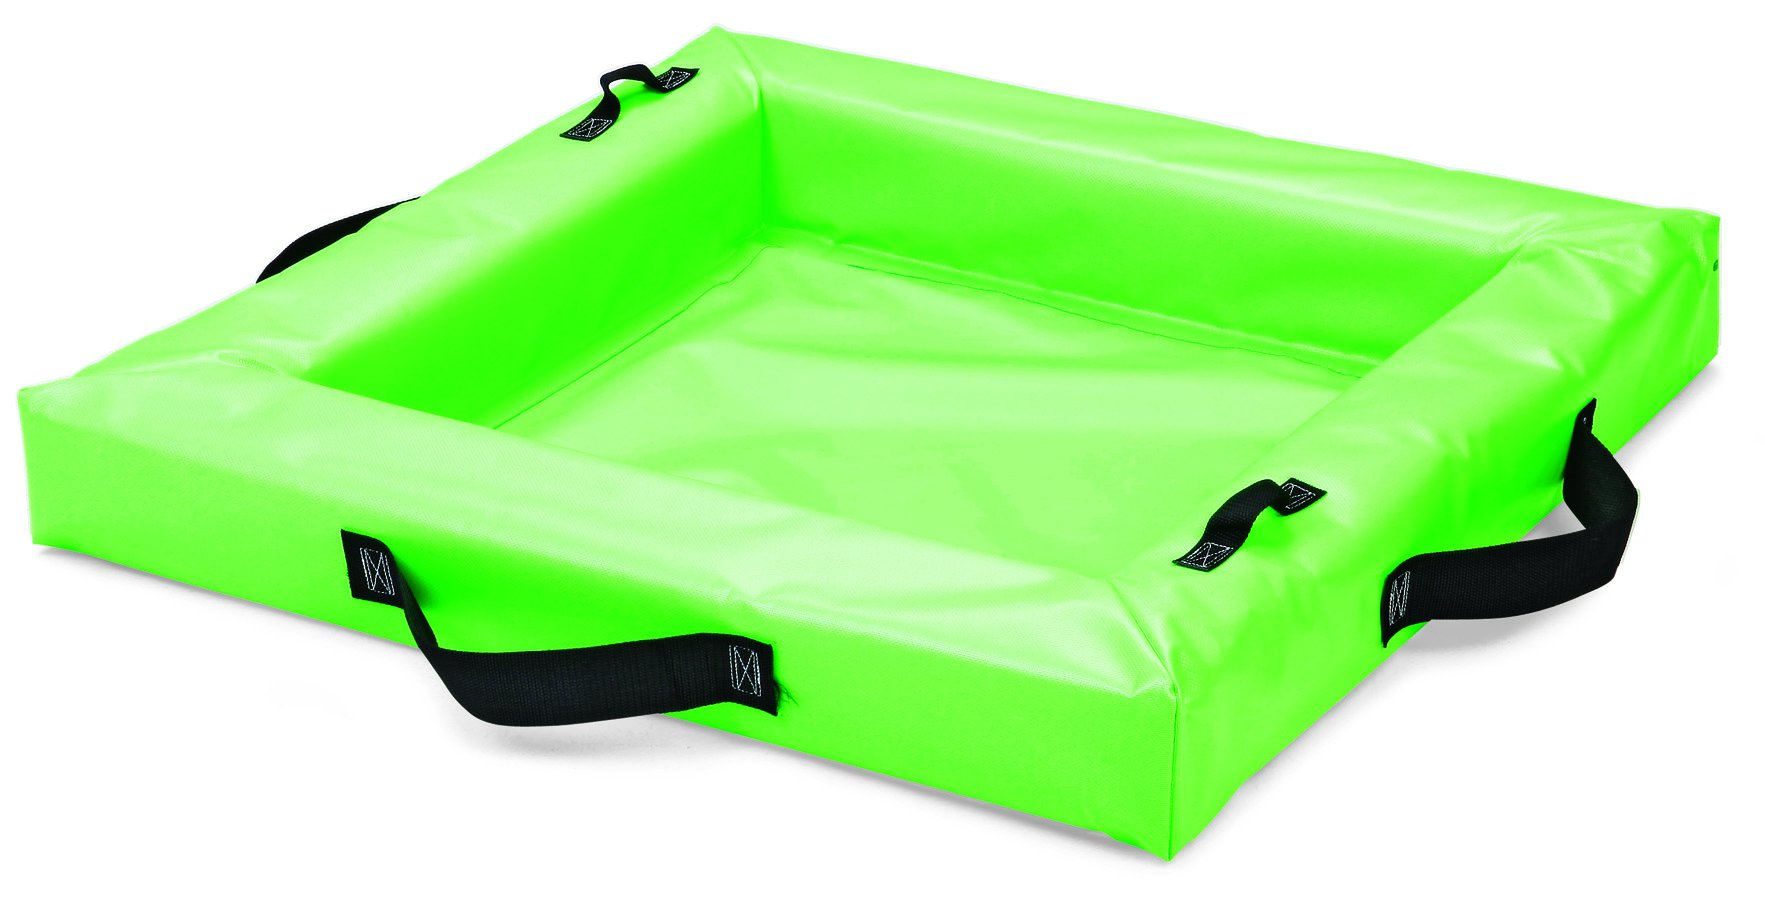 SpillTech DKP2X2 Duck Pond, 2' x 2' x 4'', Green